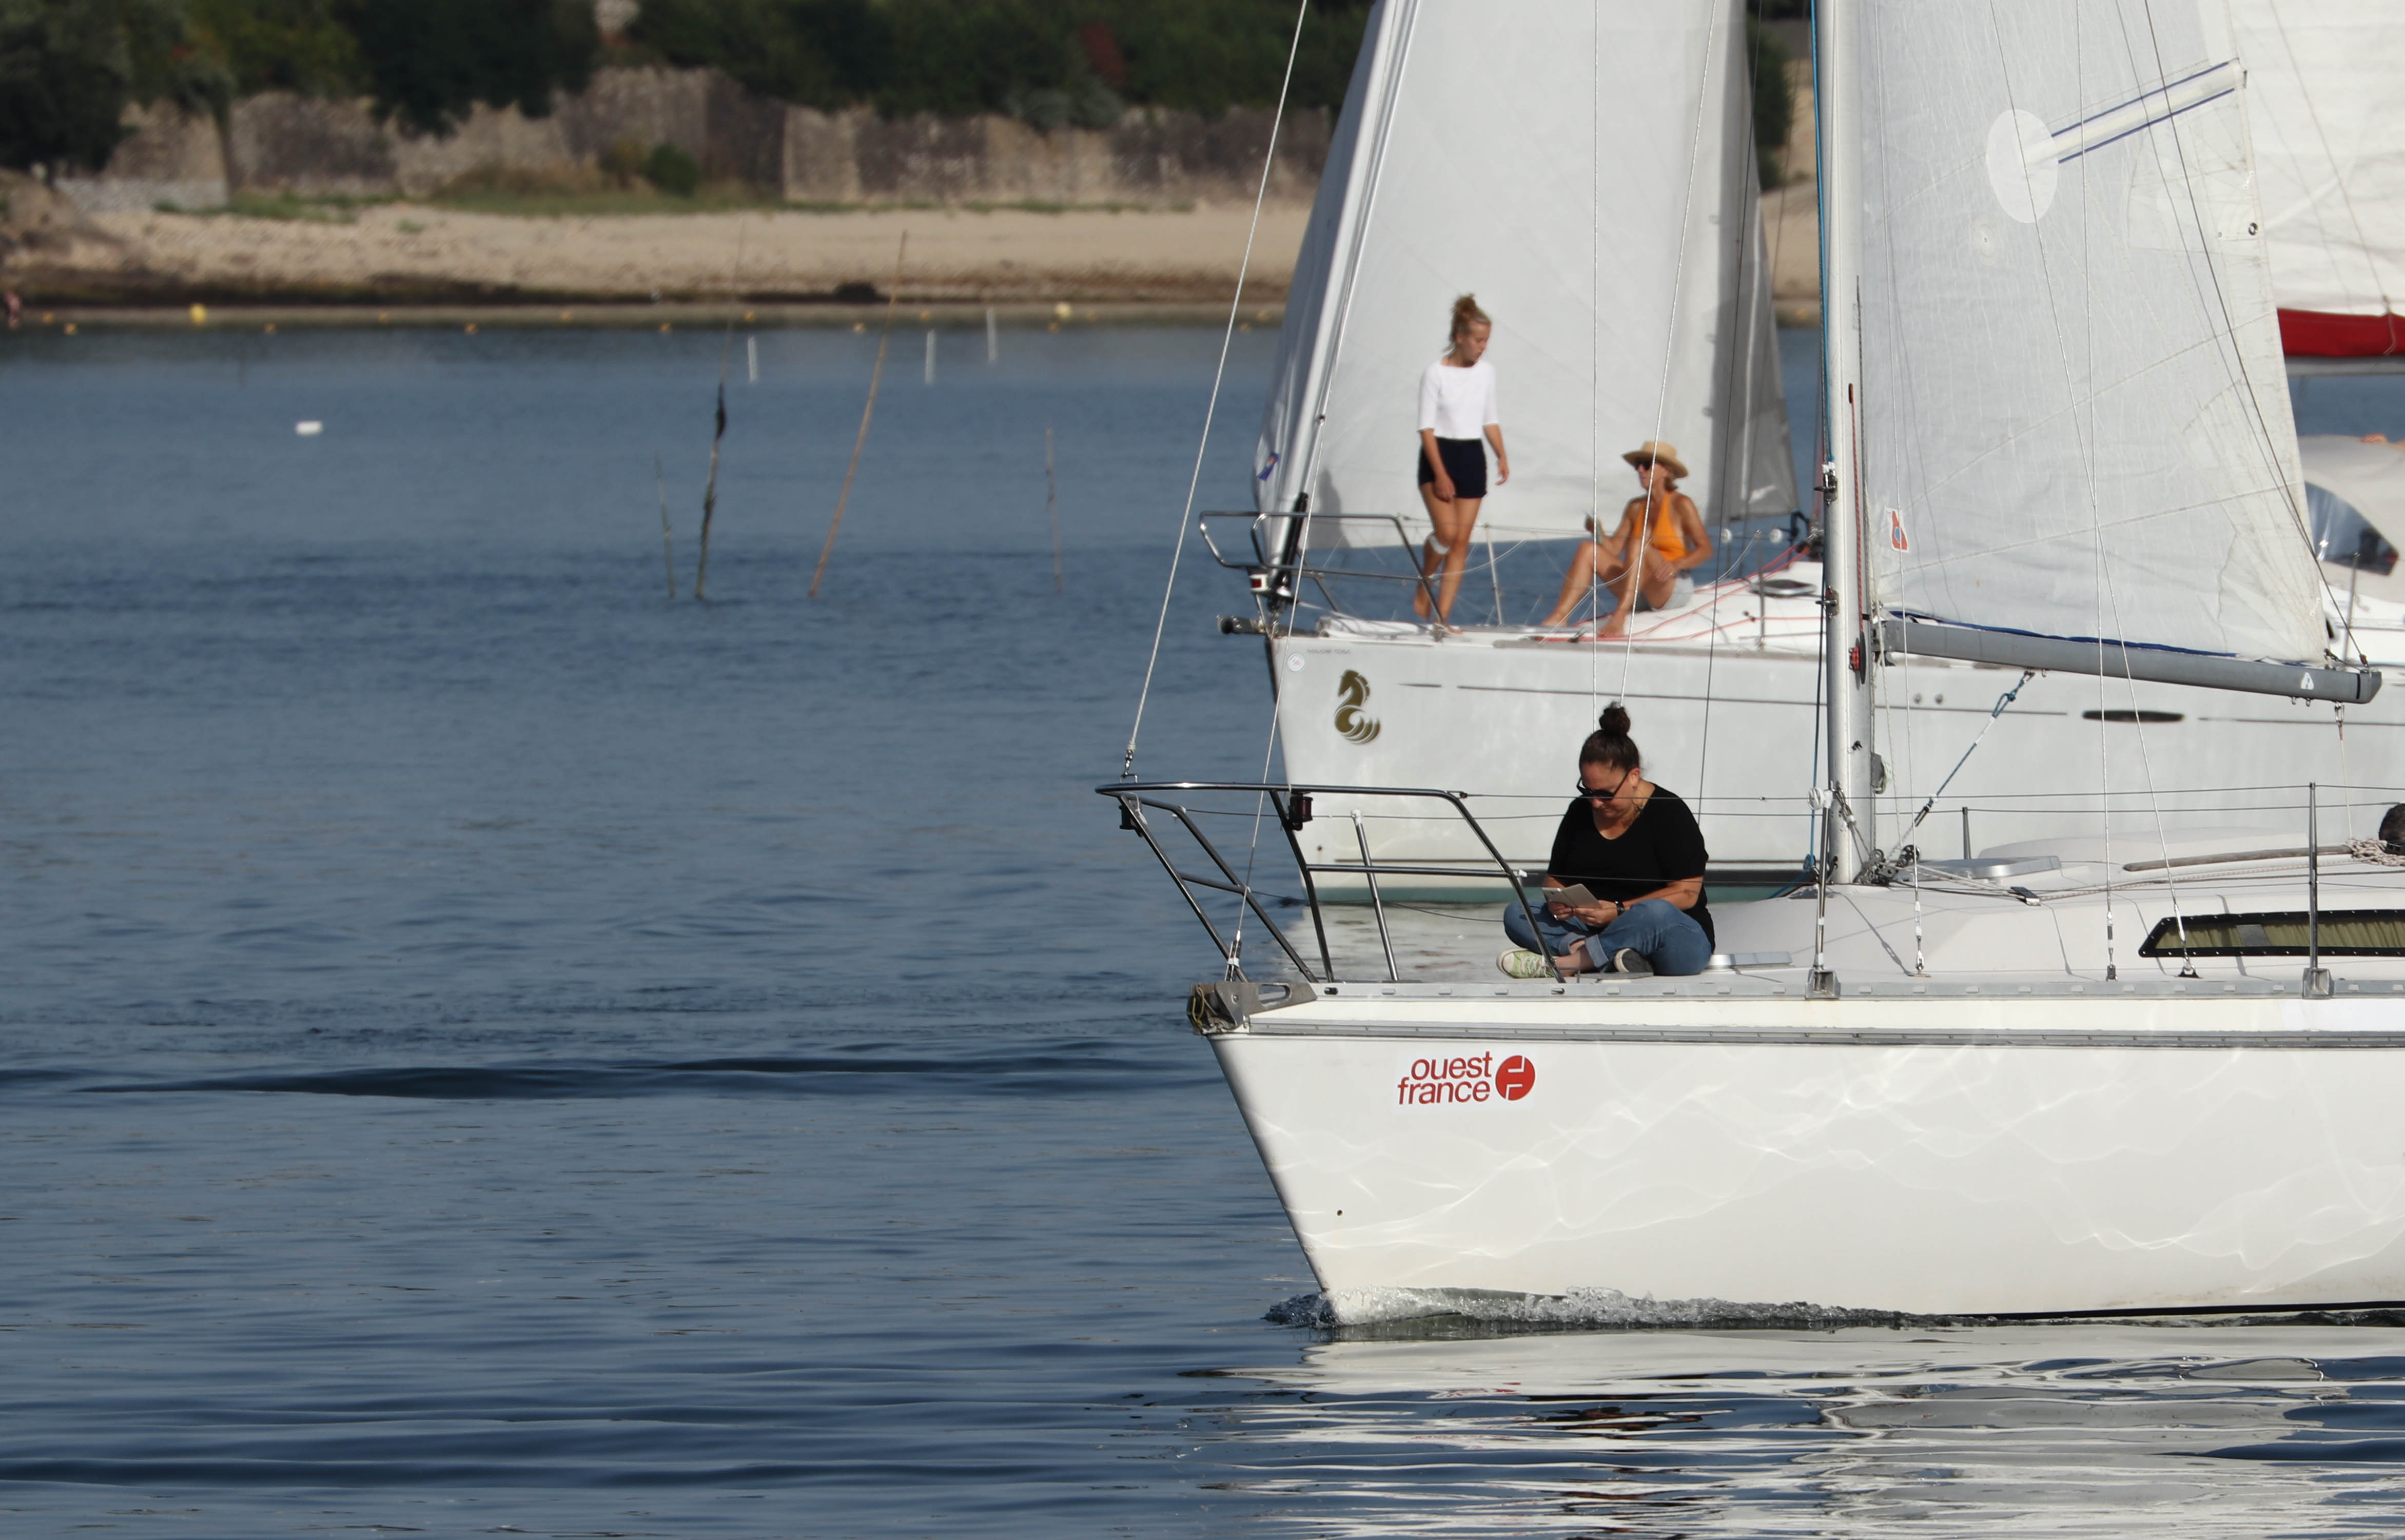 doubles figures de proue, la trinité sur mer, 6 août 18, 8h49-56 (1 sur 1).jpg